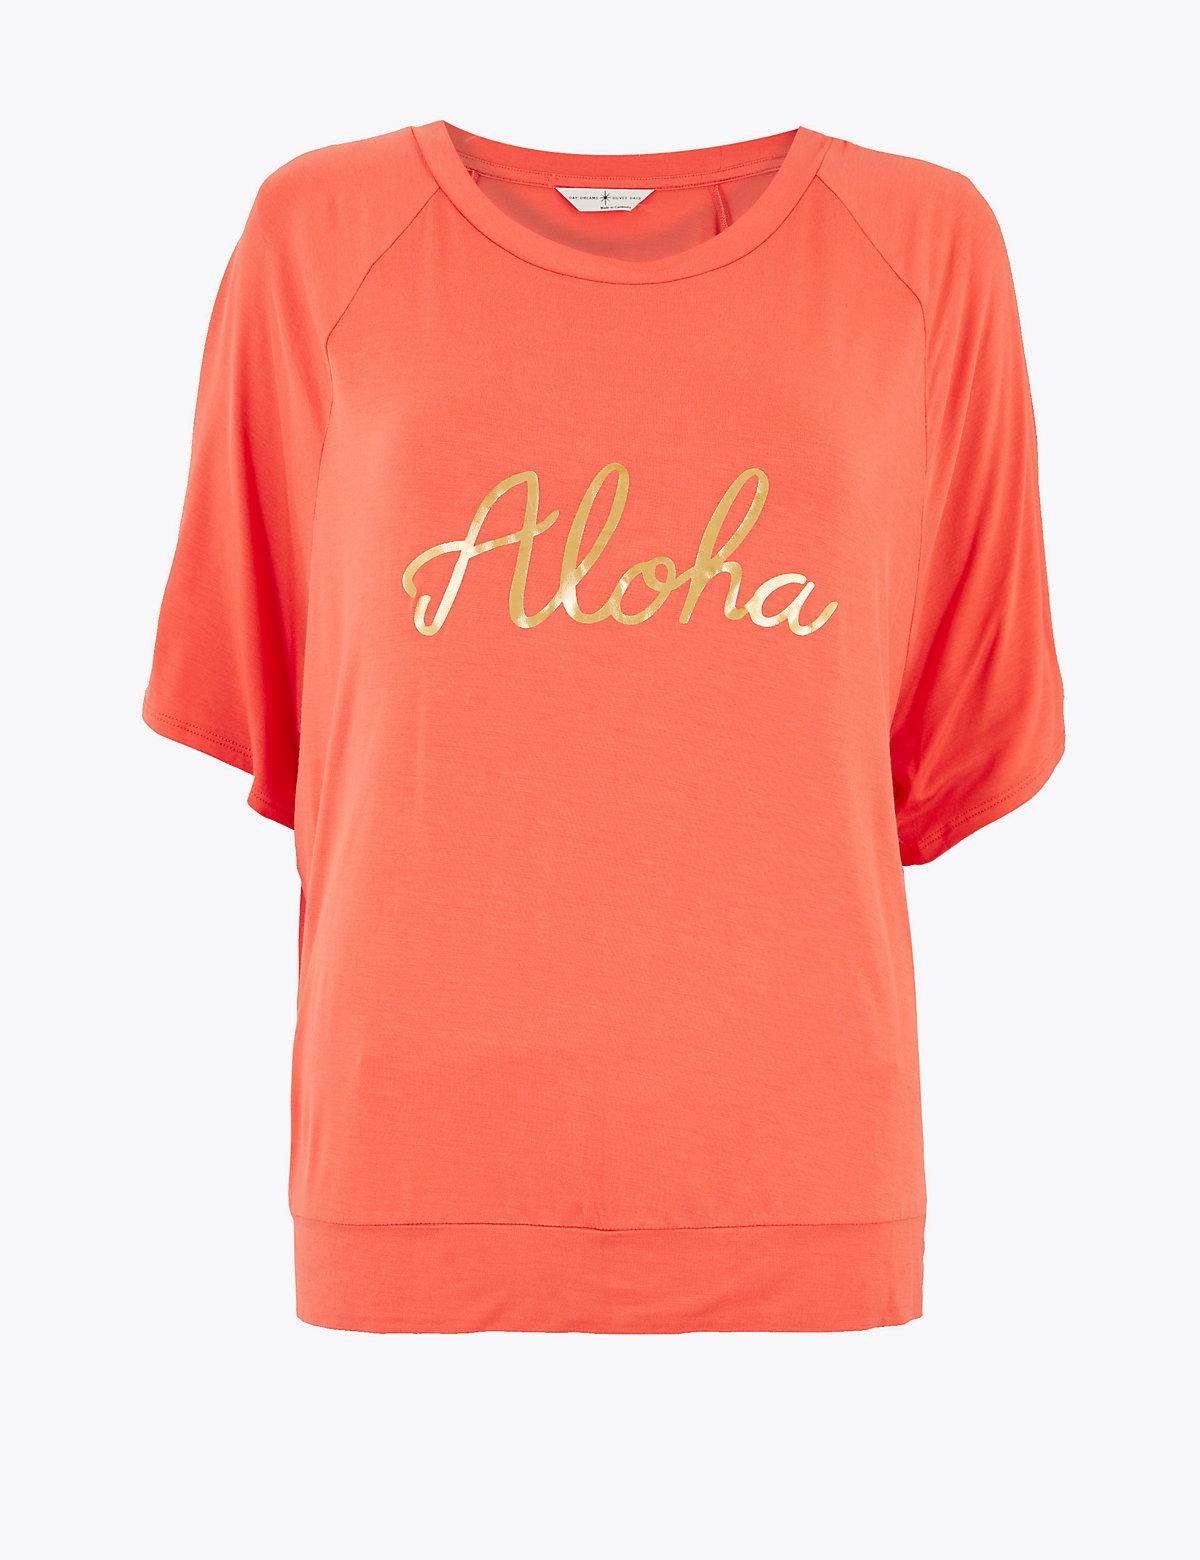 Пижамный топ с слоганом Aloha